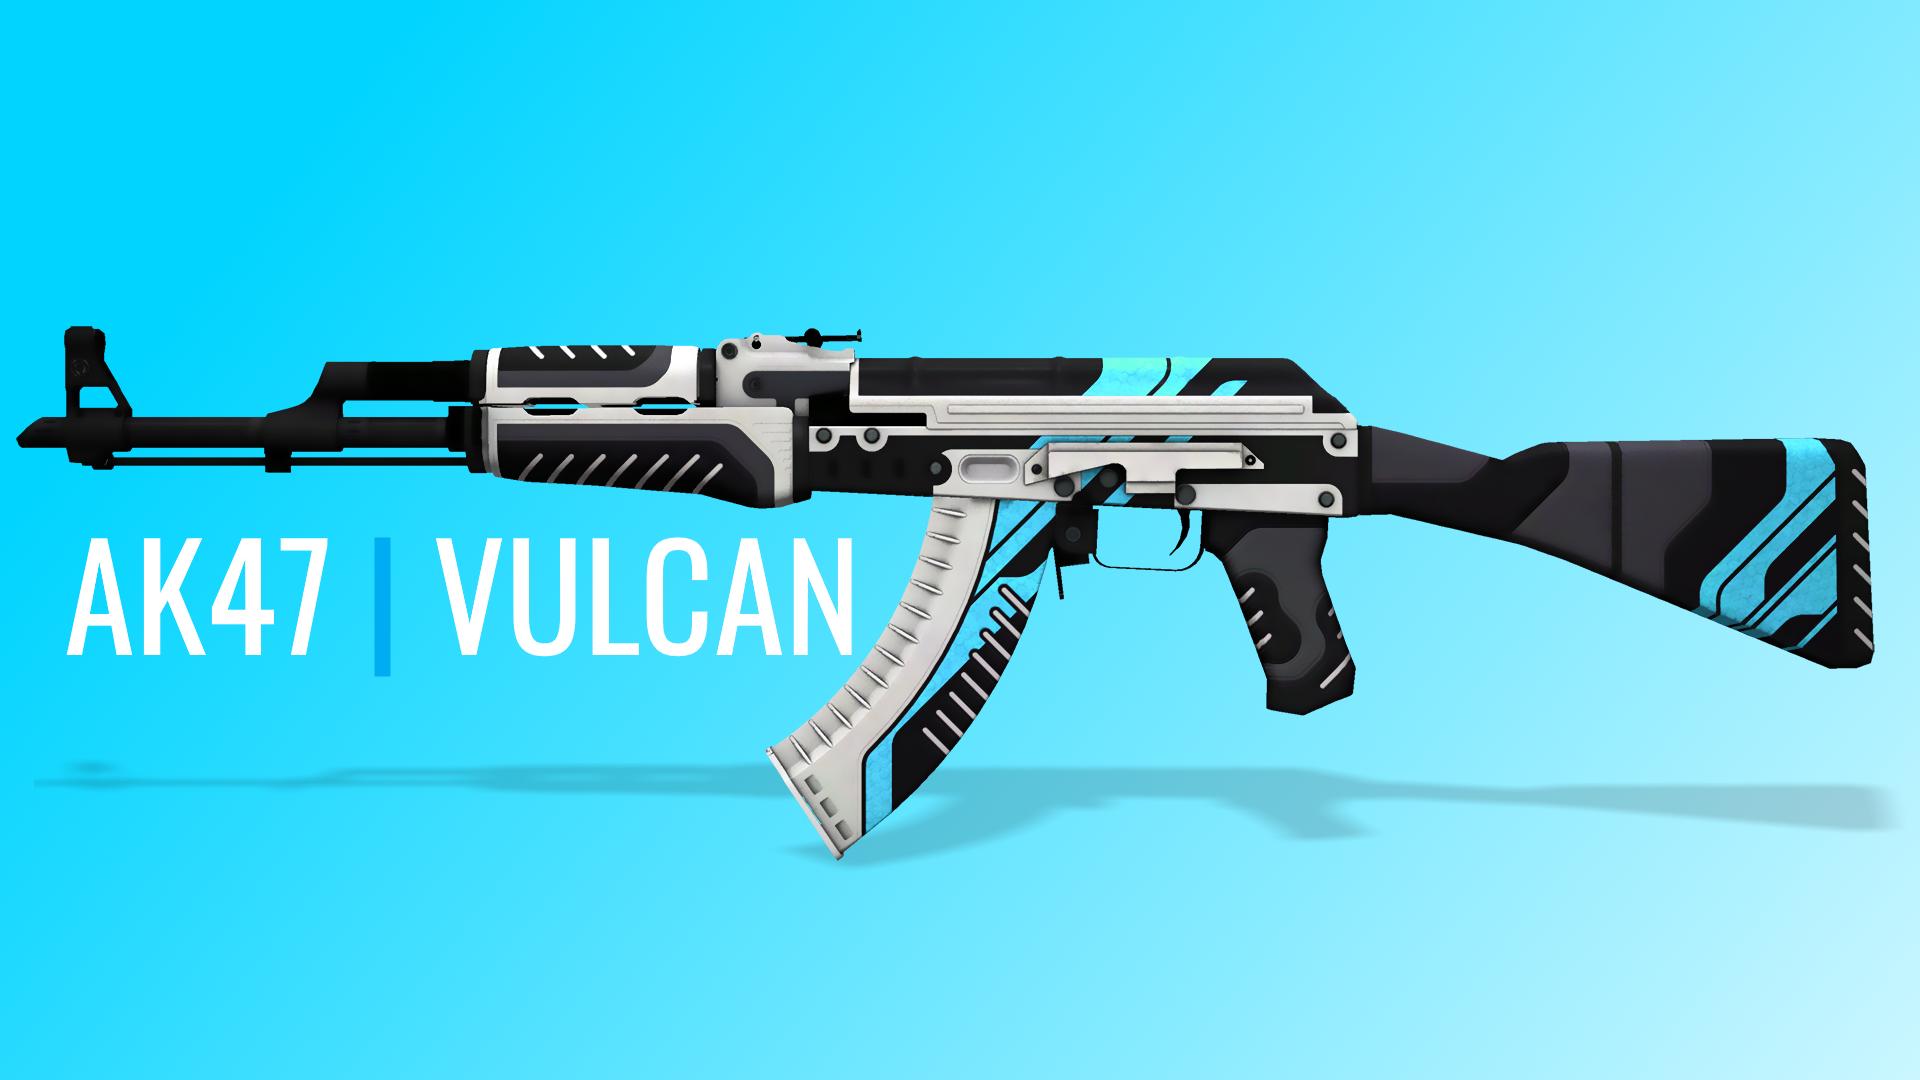 go vulcan